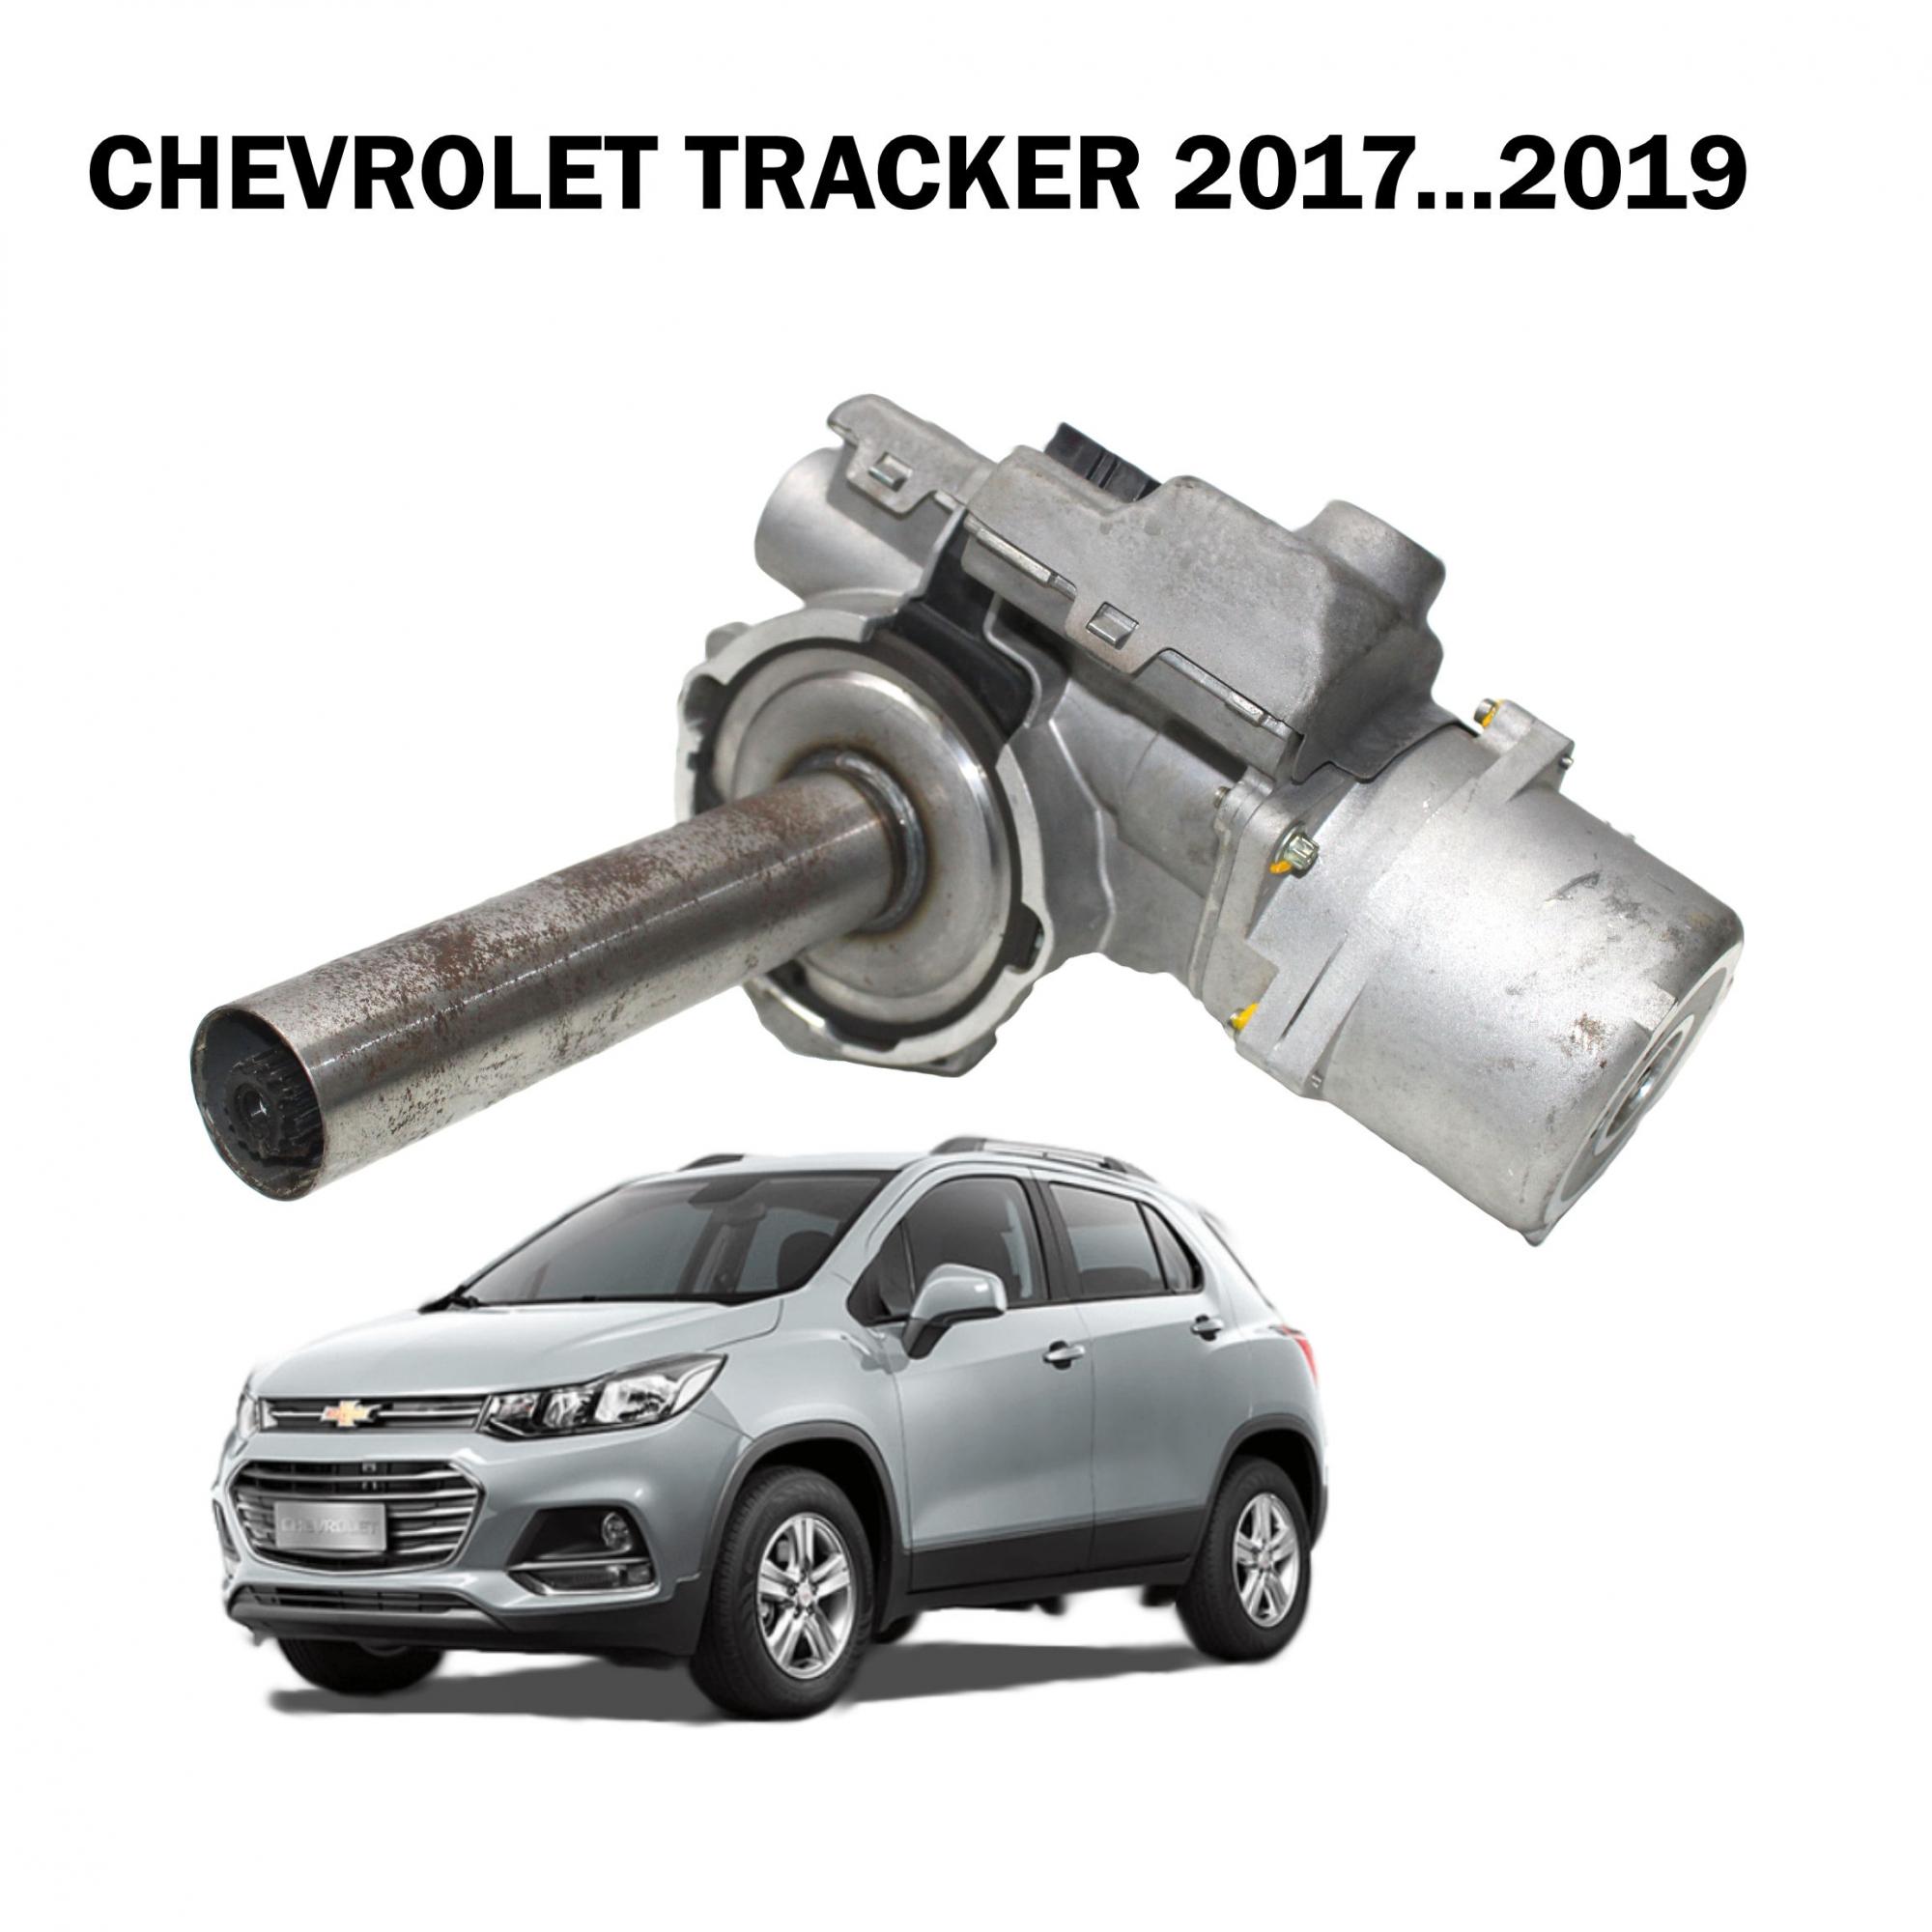 Motor Coluna Direção Elétrica Chevrolet Tracker 2017...2019